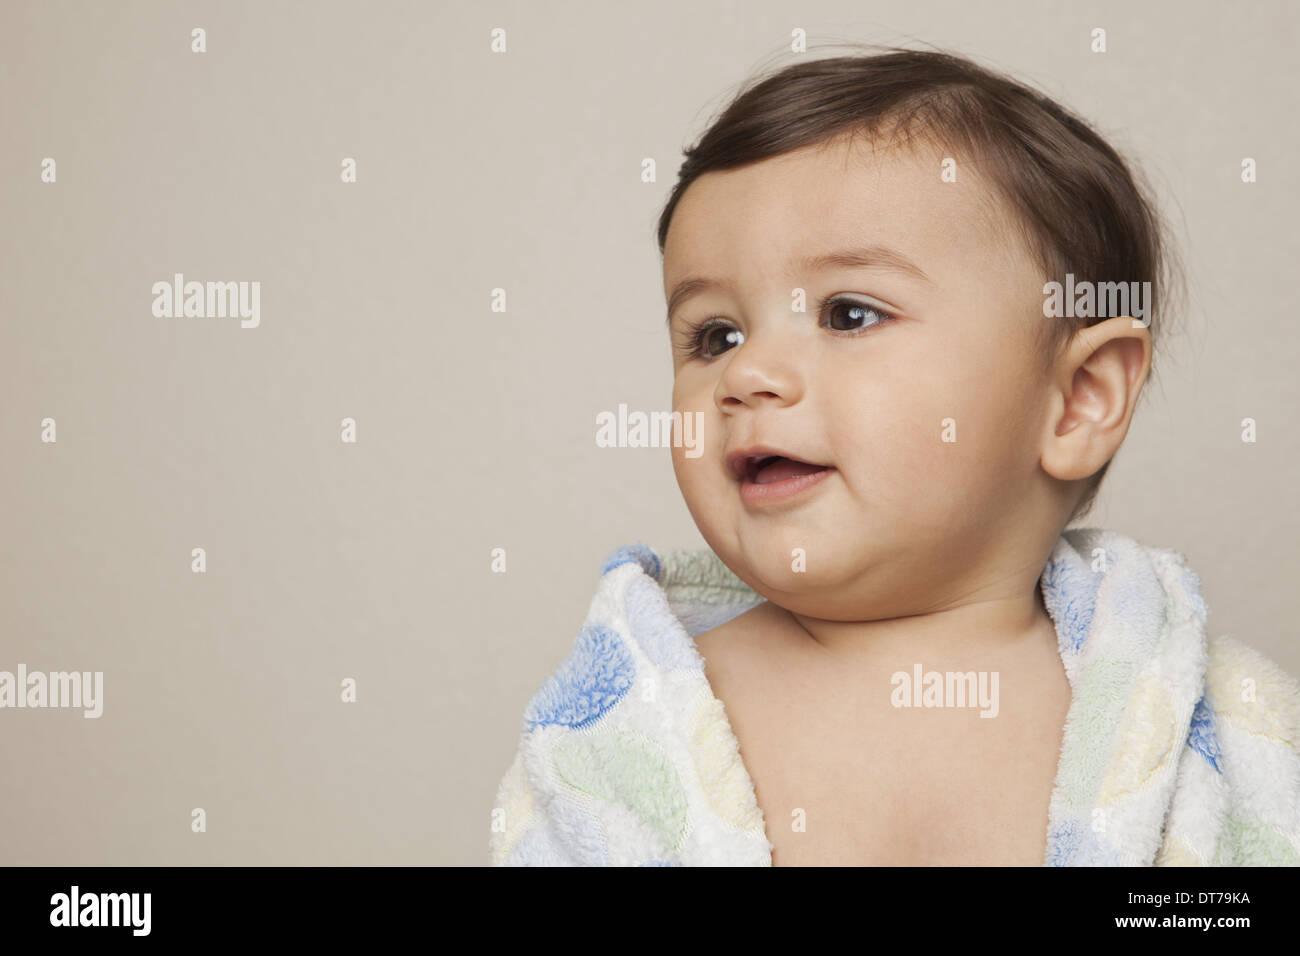 Un 8 mese vecchio baby boy con un asciugamano da bagno avvolto intorno a lui. Immagini Stock